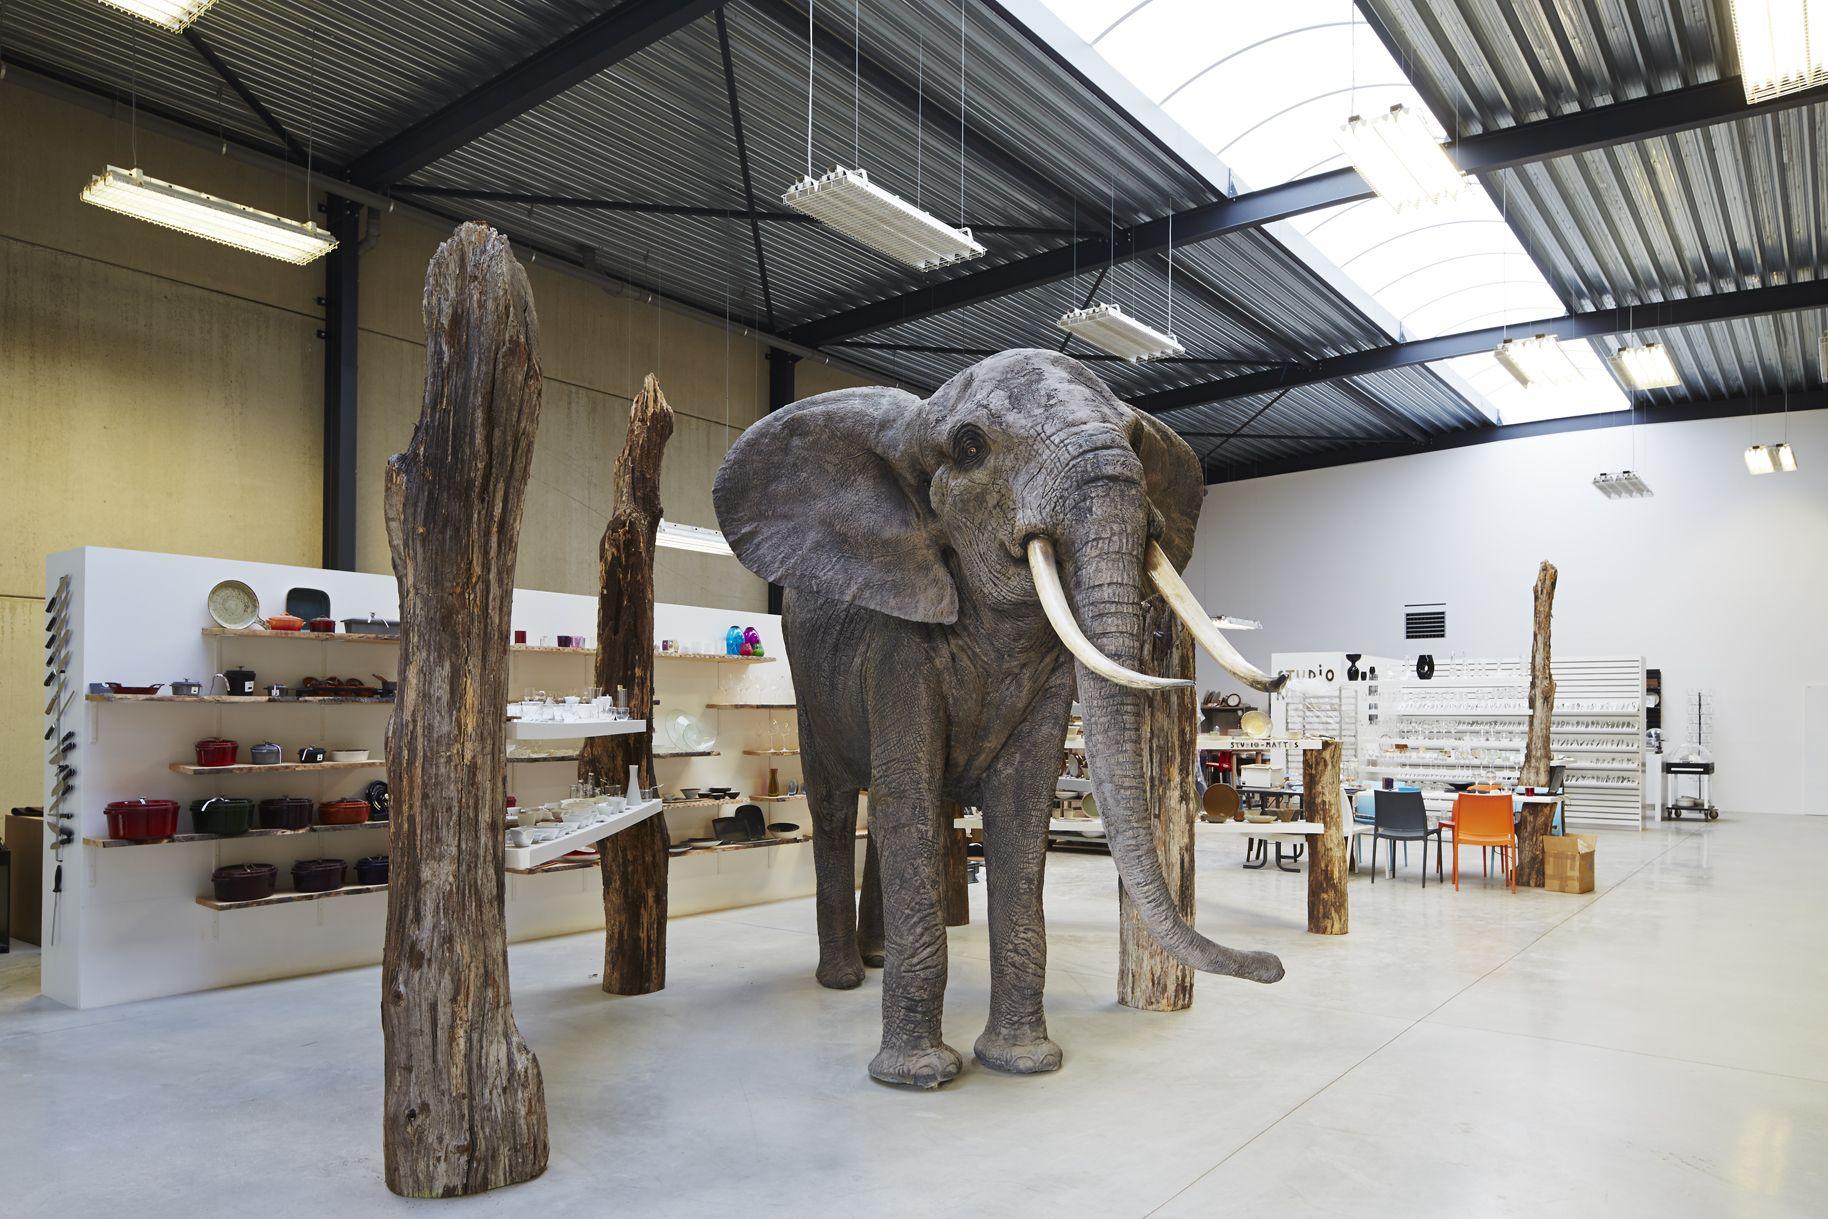 Realisatie Businesspark Berbroek te Herk-de-Stad - inrichting KMO-unit naar magazijn/showroom/atelier